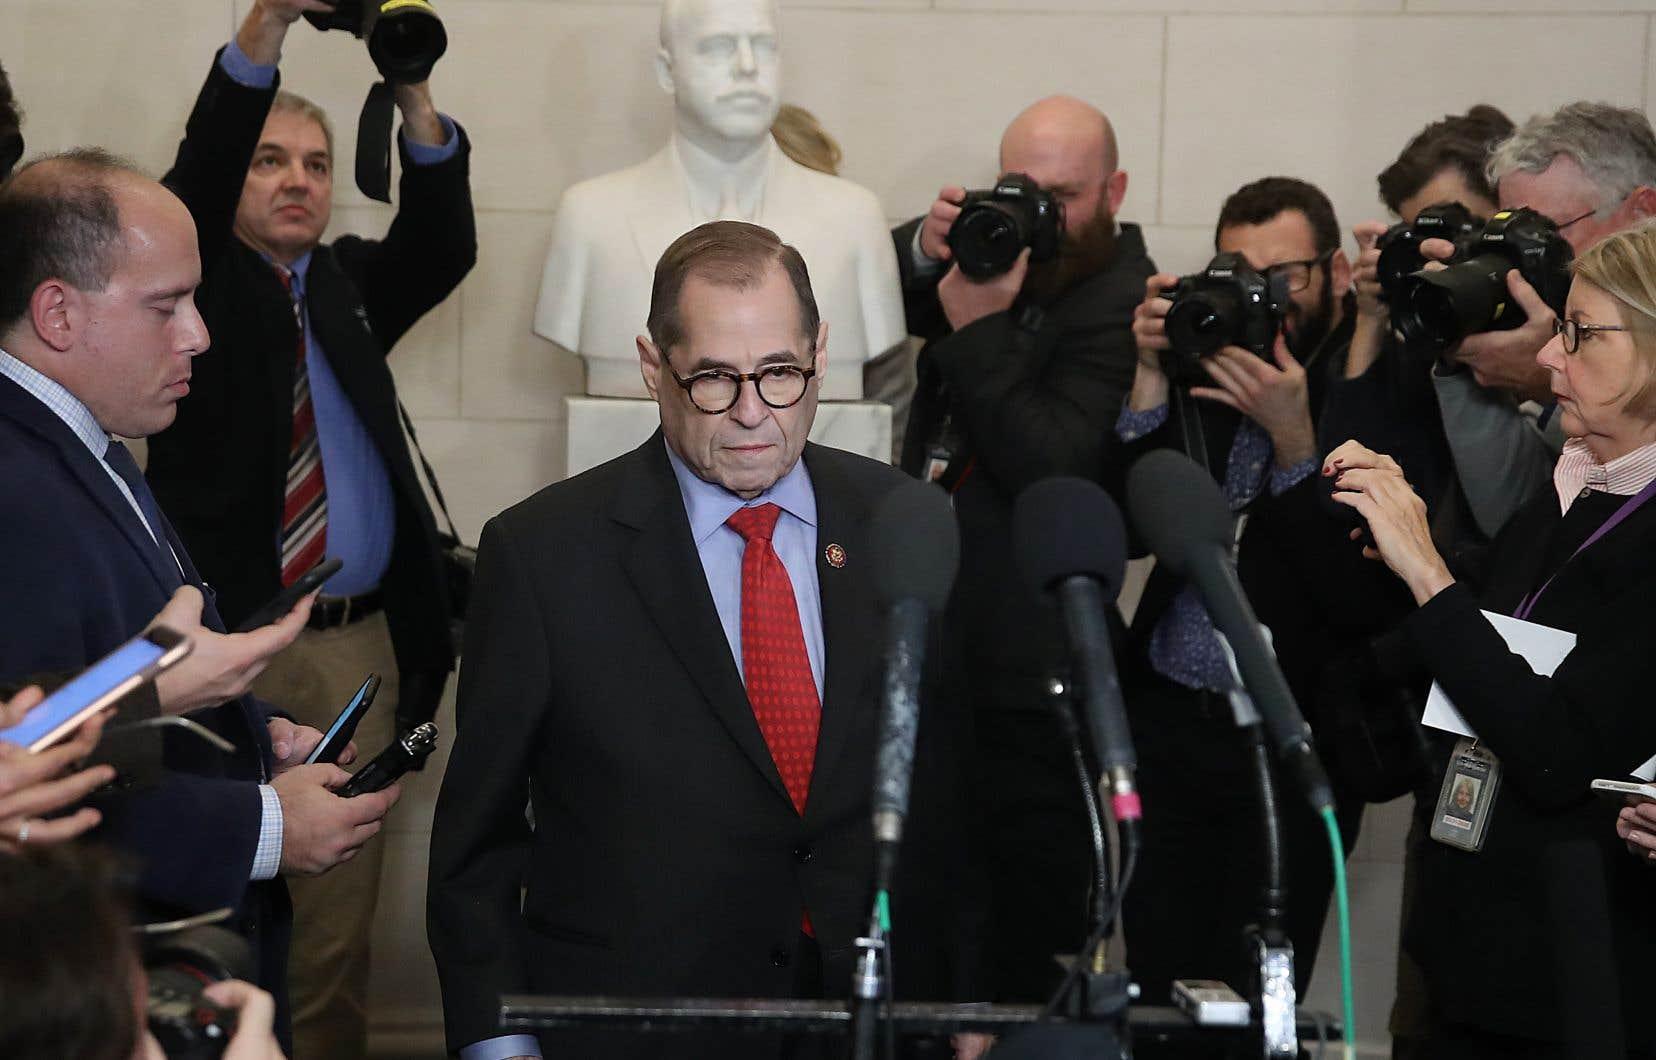 Le président de la commission judiciaire de la Chambre des représentants, le démocrate Jerrold Nadler, annonce l'adoption des deux chefs d'accusation contre Donald Trump.